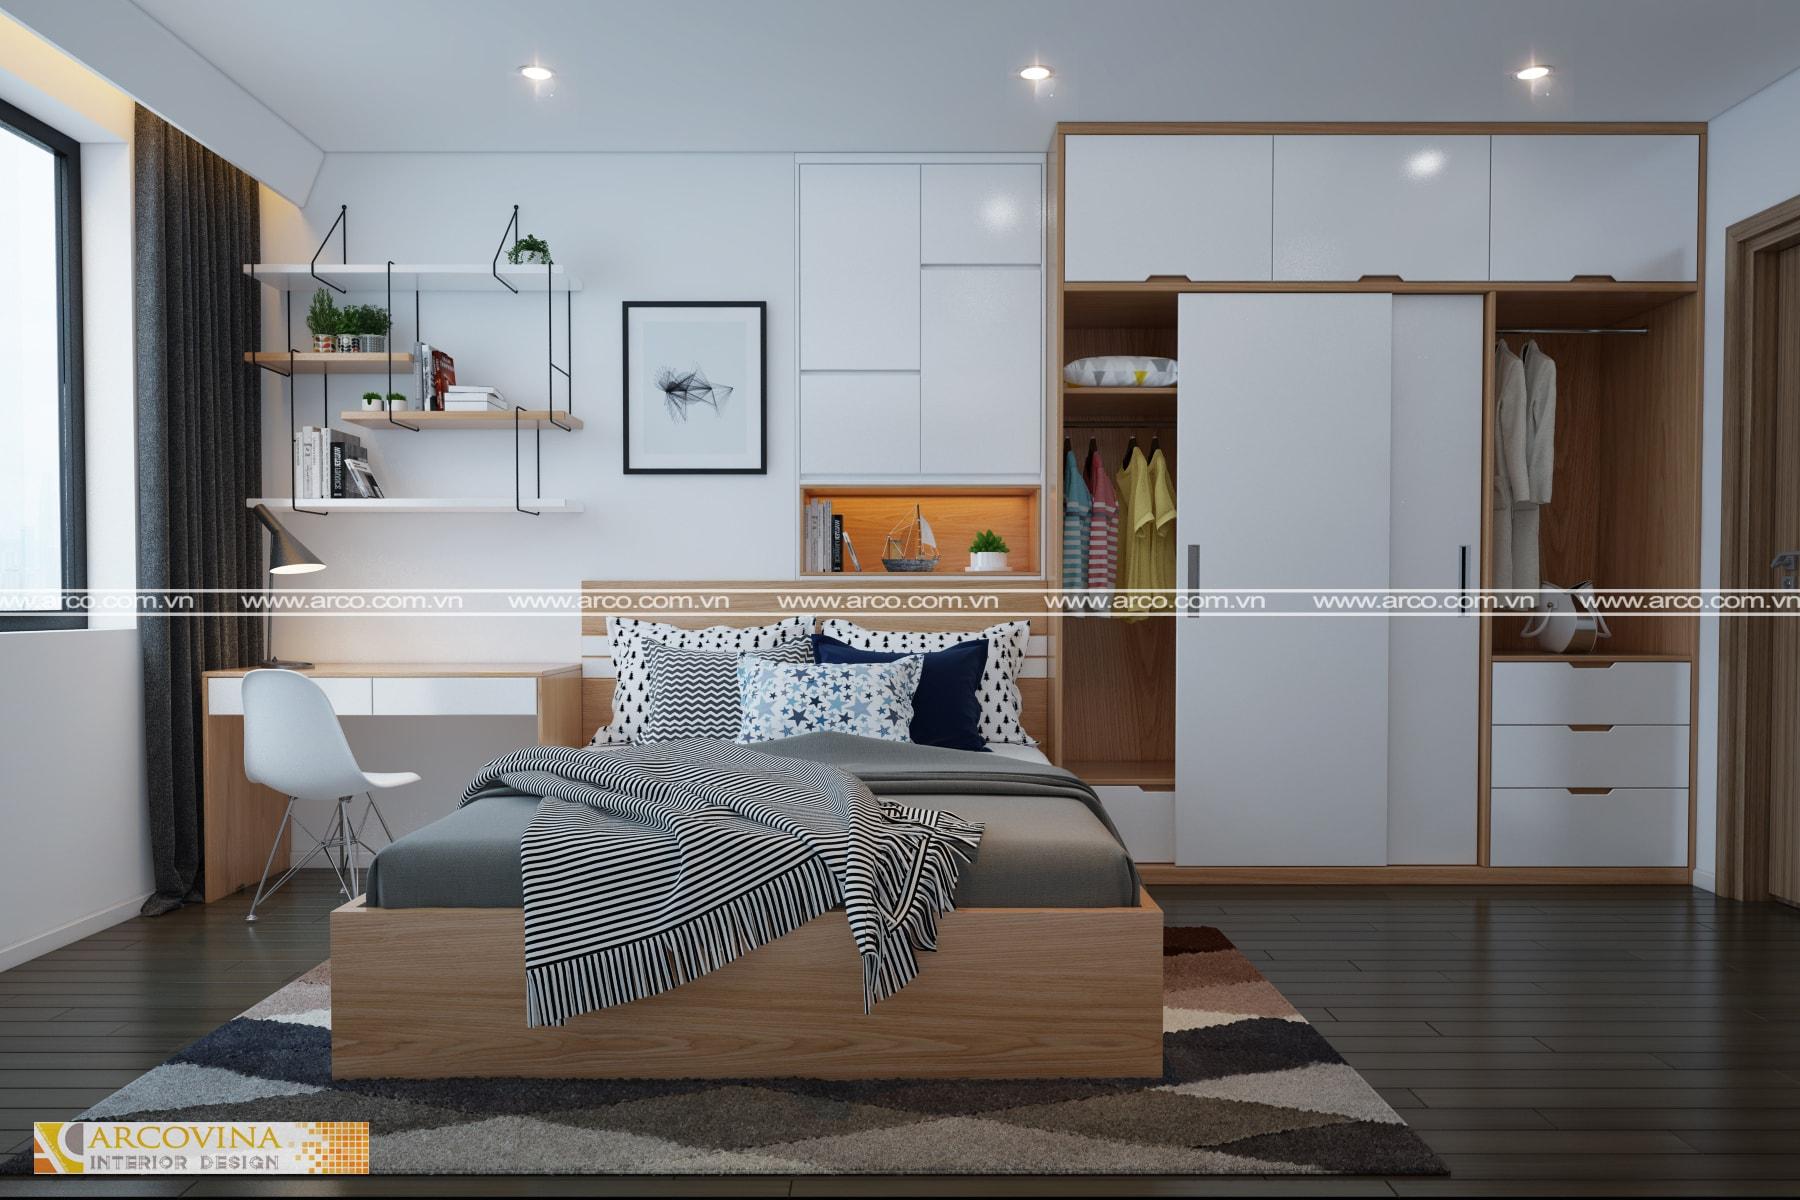 Thiết kế nội thất căn hộ chung cư Mipec Riverside Long Biên